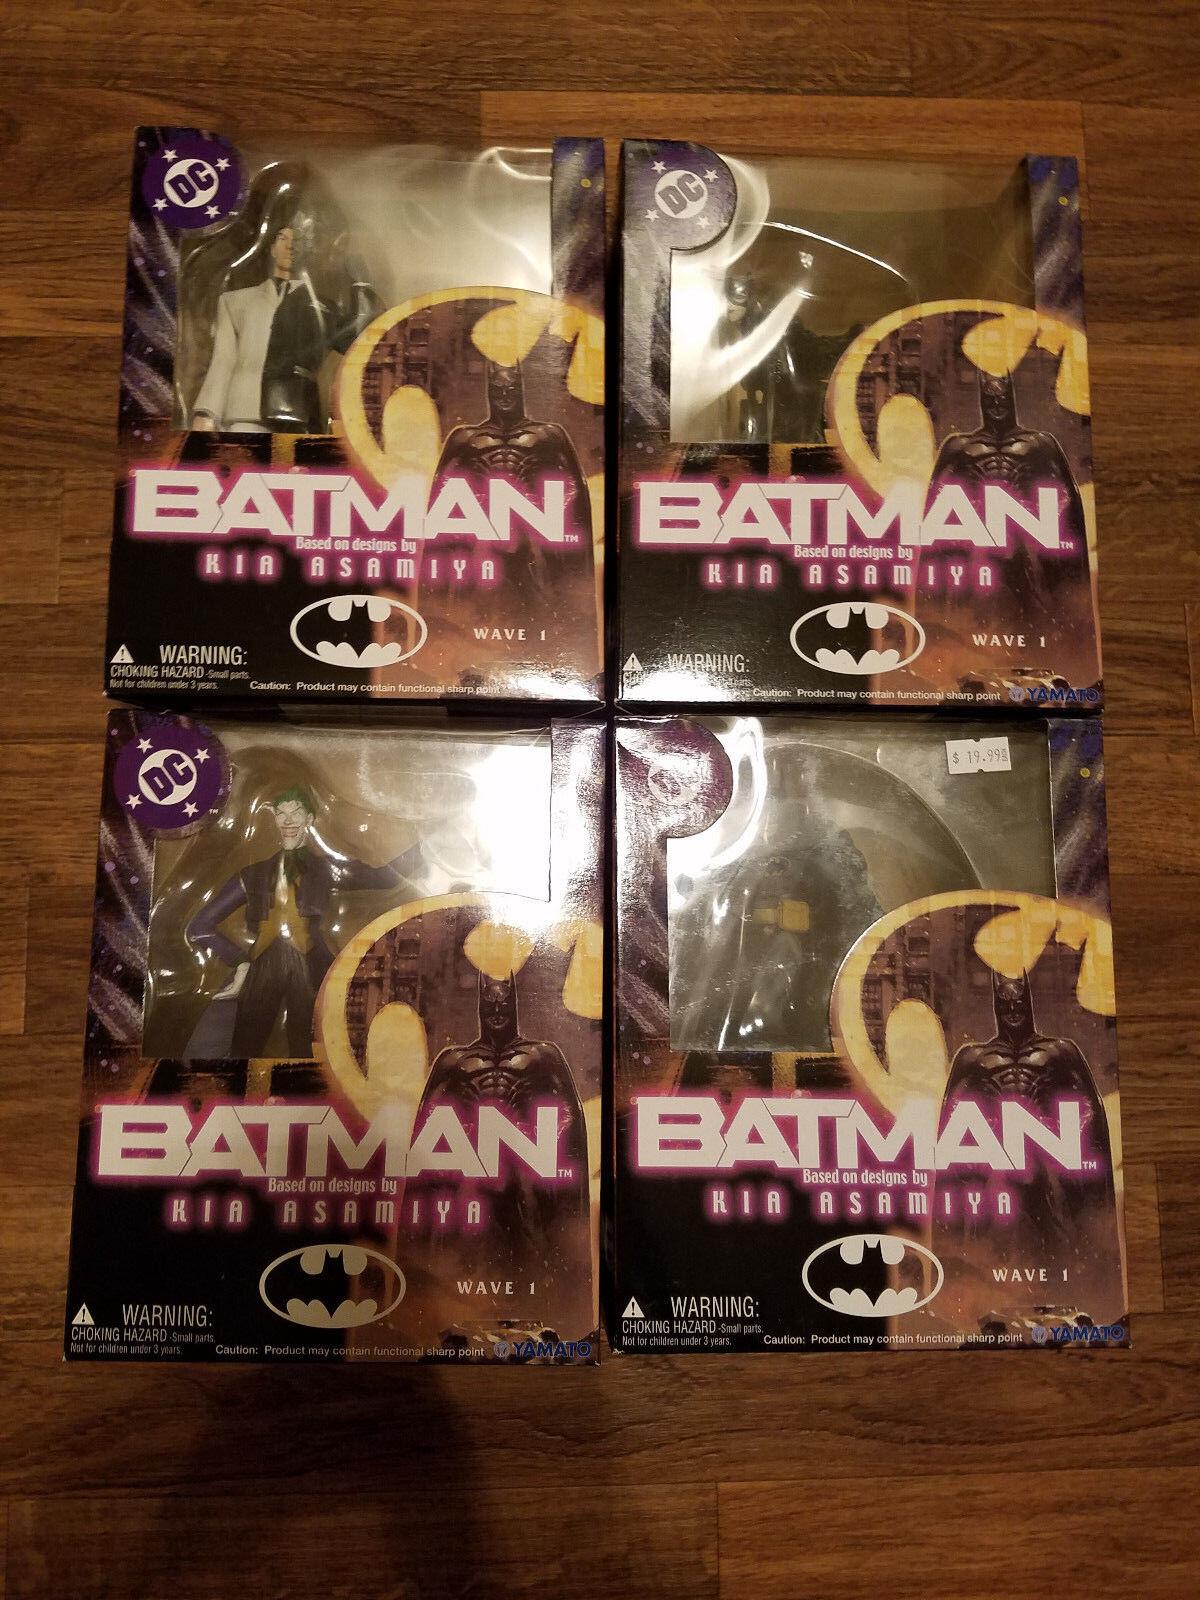 NEW DC Batman Catwoman Two Face Joker Kia Asamiya figure set Yamato Wave 1